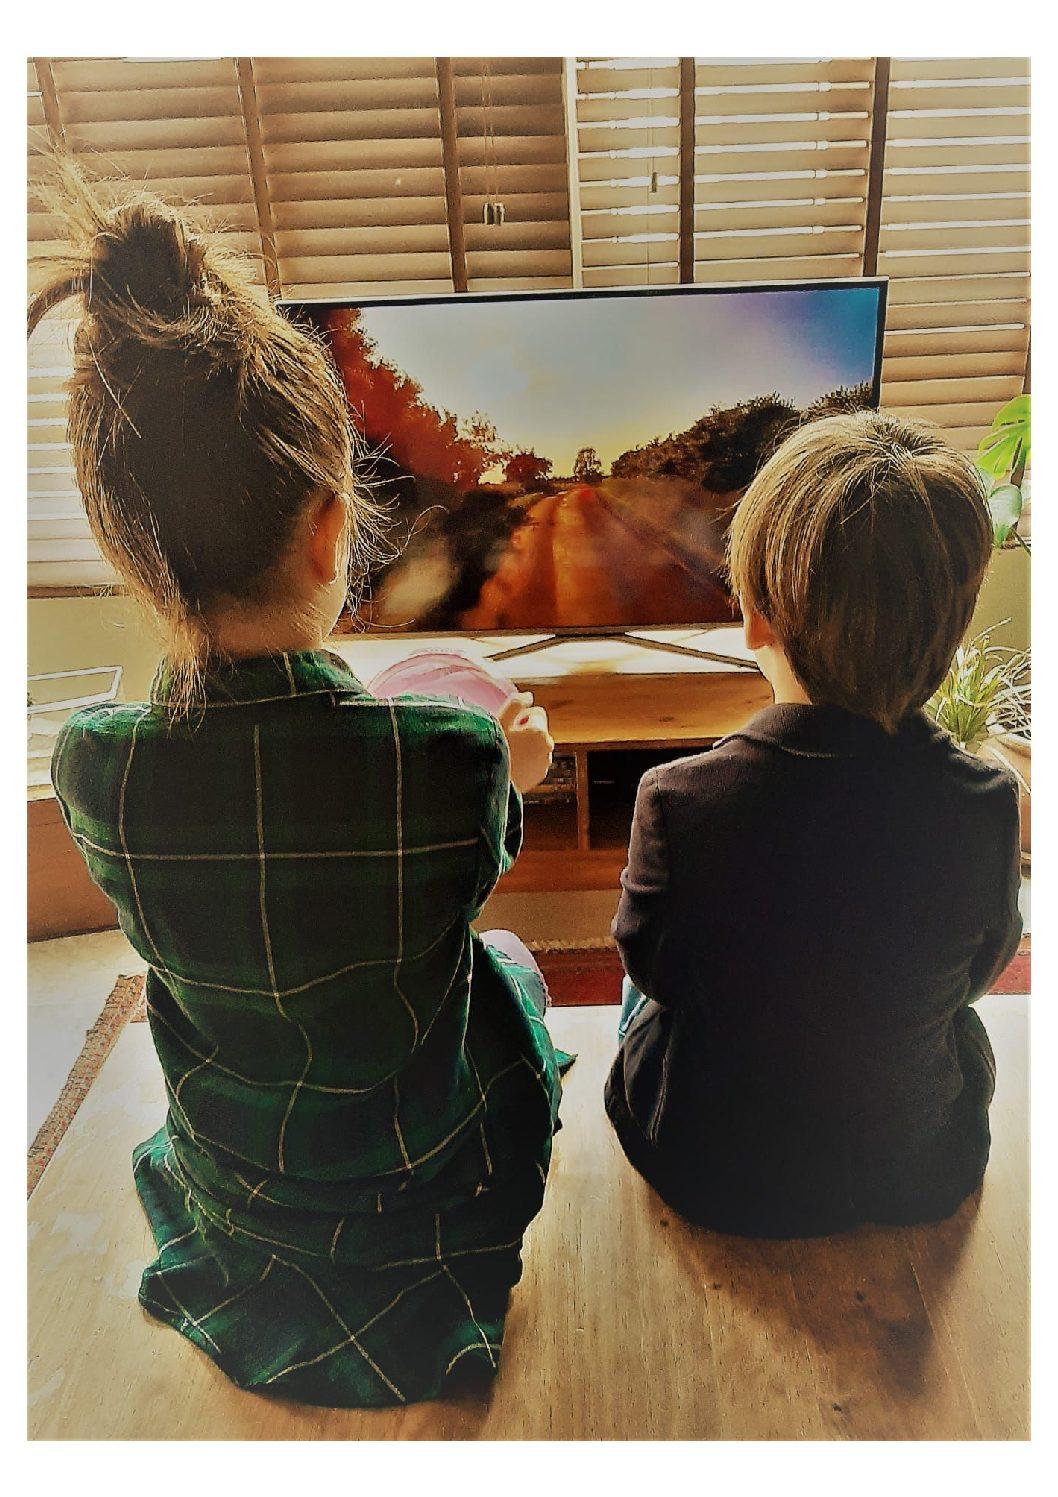 Pautas para padres dirigidas a limitar el tiempo de uso de pantallas